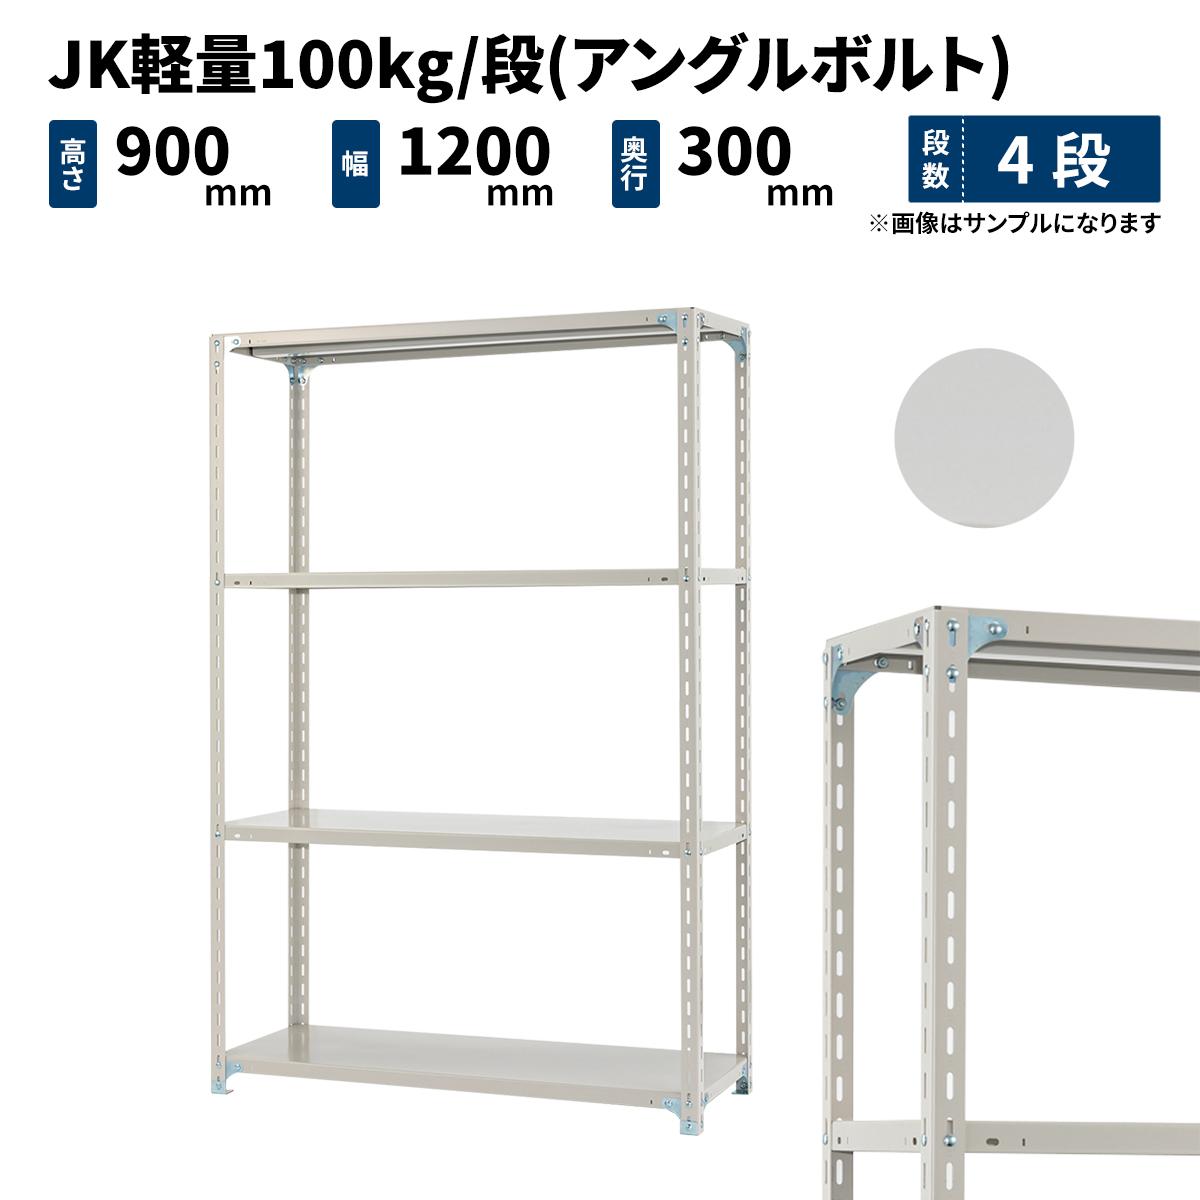 スチールラック 業務用 JK軽量100kg/段(アングルボルト) 高さ900×幅1200×奥行300mm 4段 ホワイトグレー (23kg) JK100BT-091203-4